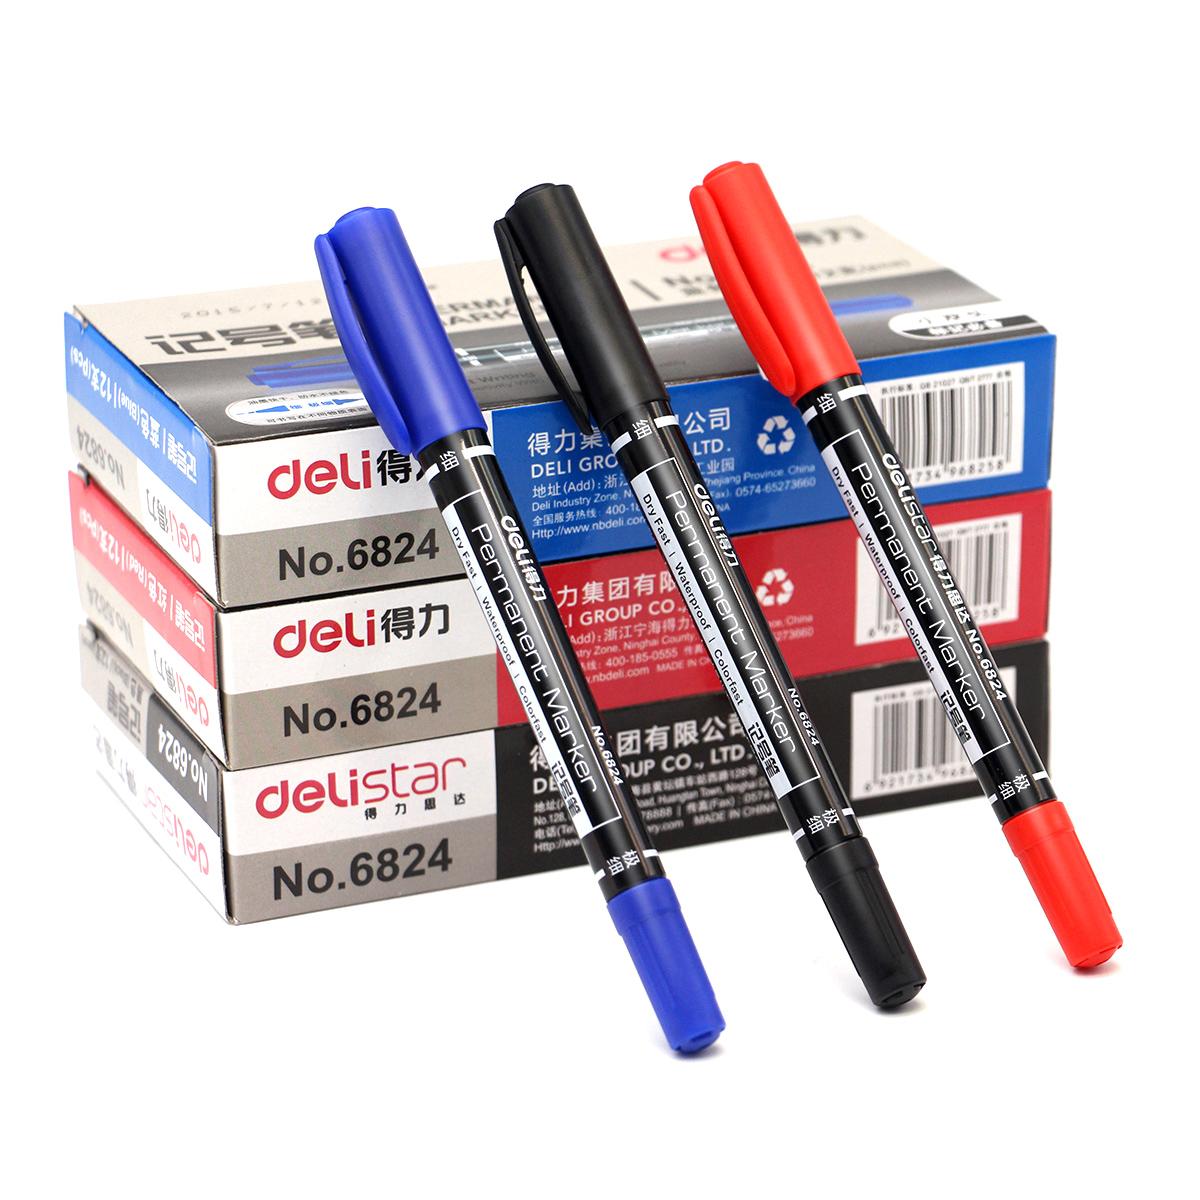 得力6824小雙頭油性記號筆馬克筆兒童繪畫勾線筆黑色記號筆